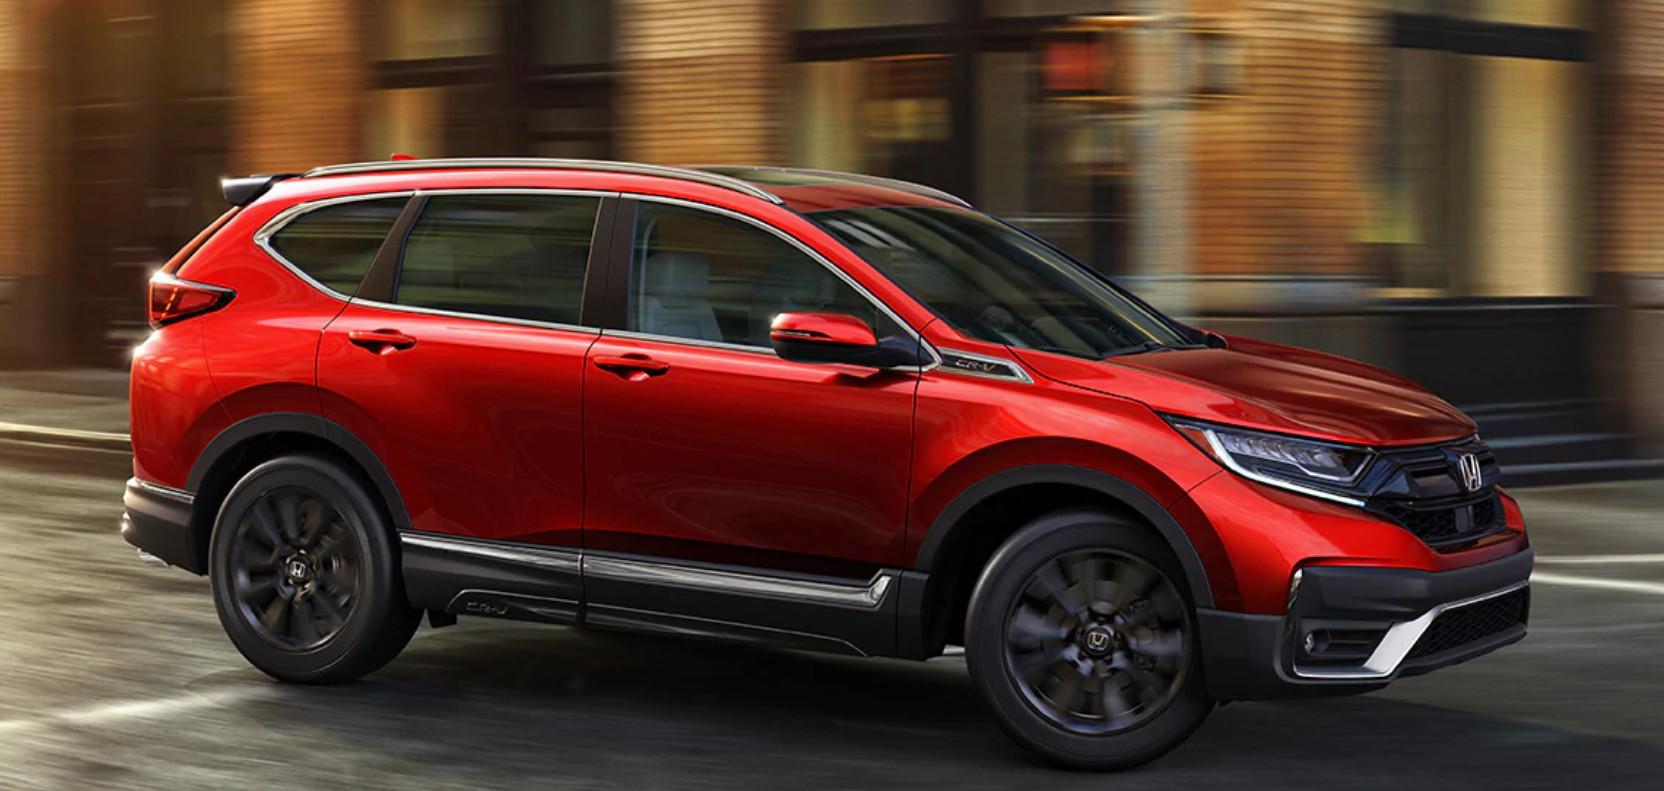 2020 Honda CR-V for Sale near Smyrna, DE